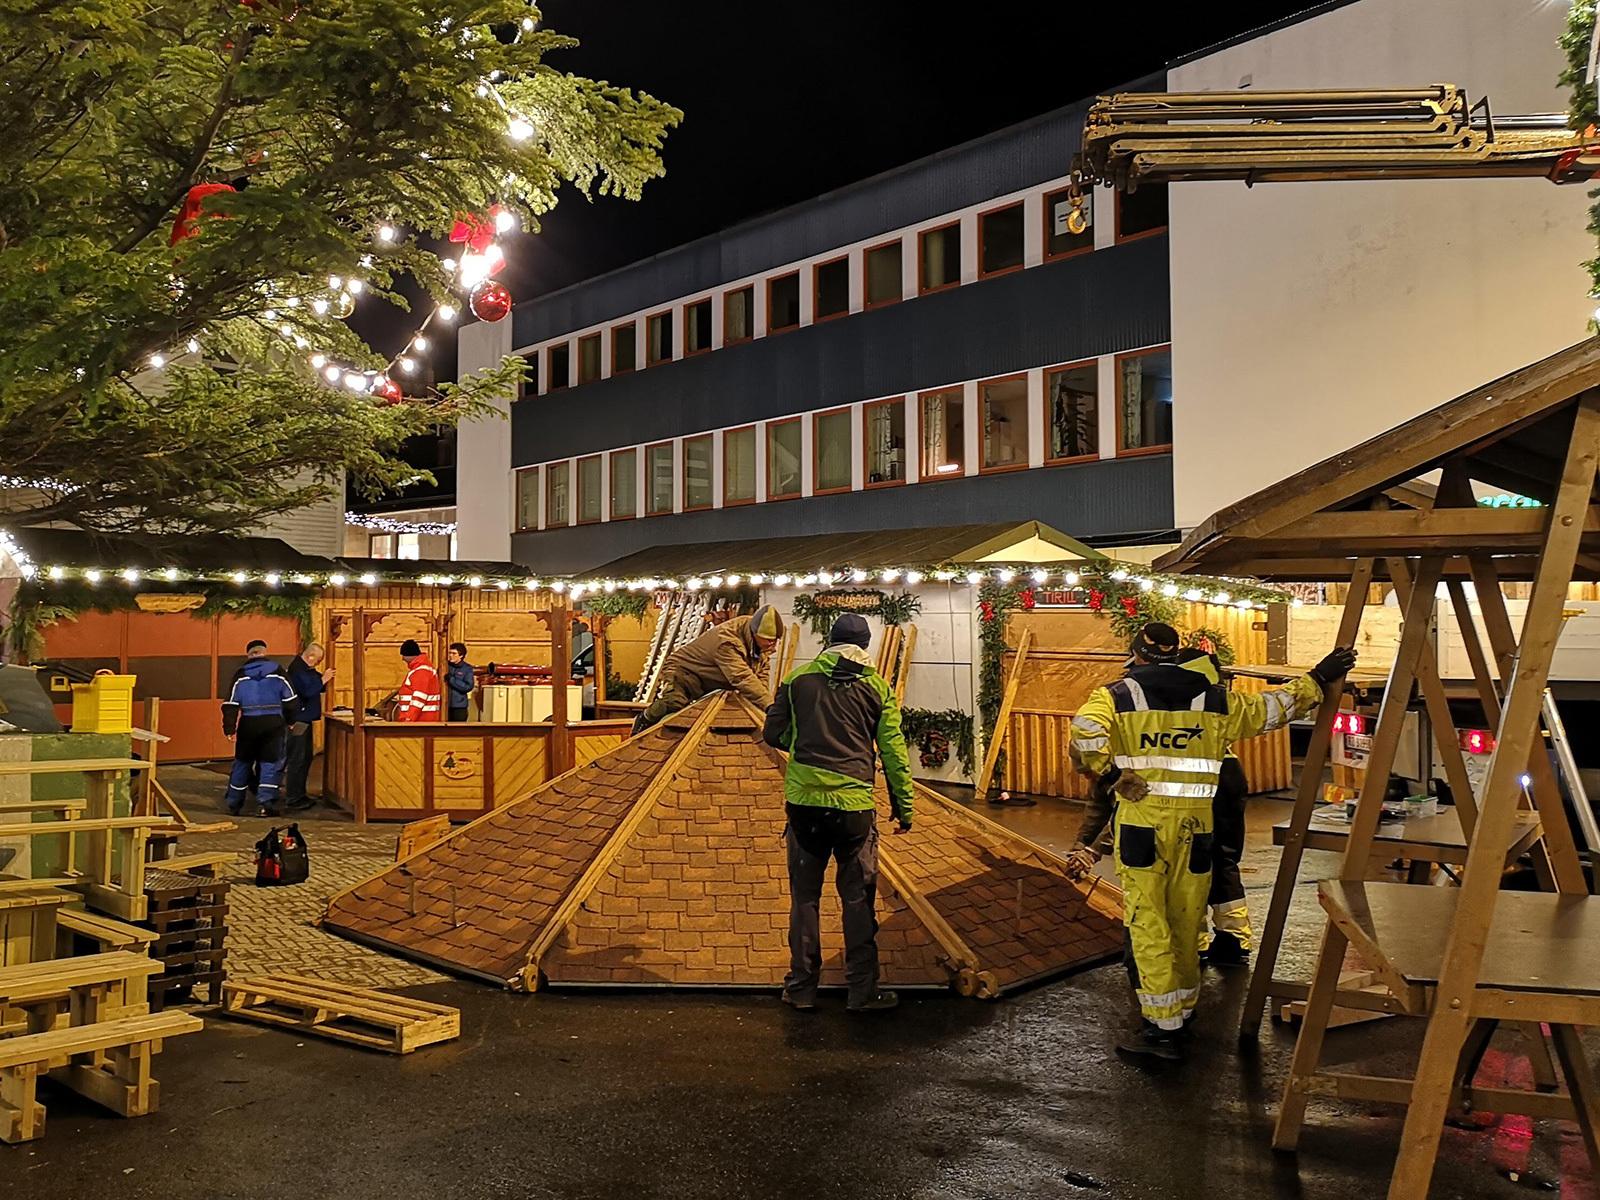 Julebyen-og-varber-2018-4.jpg